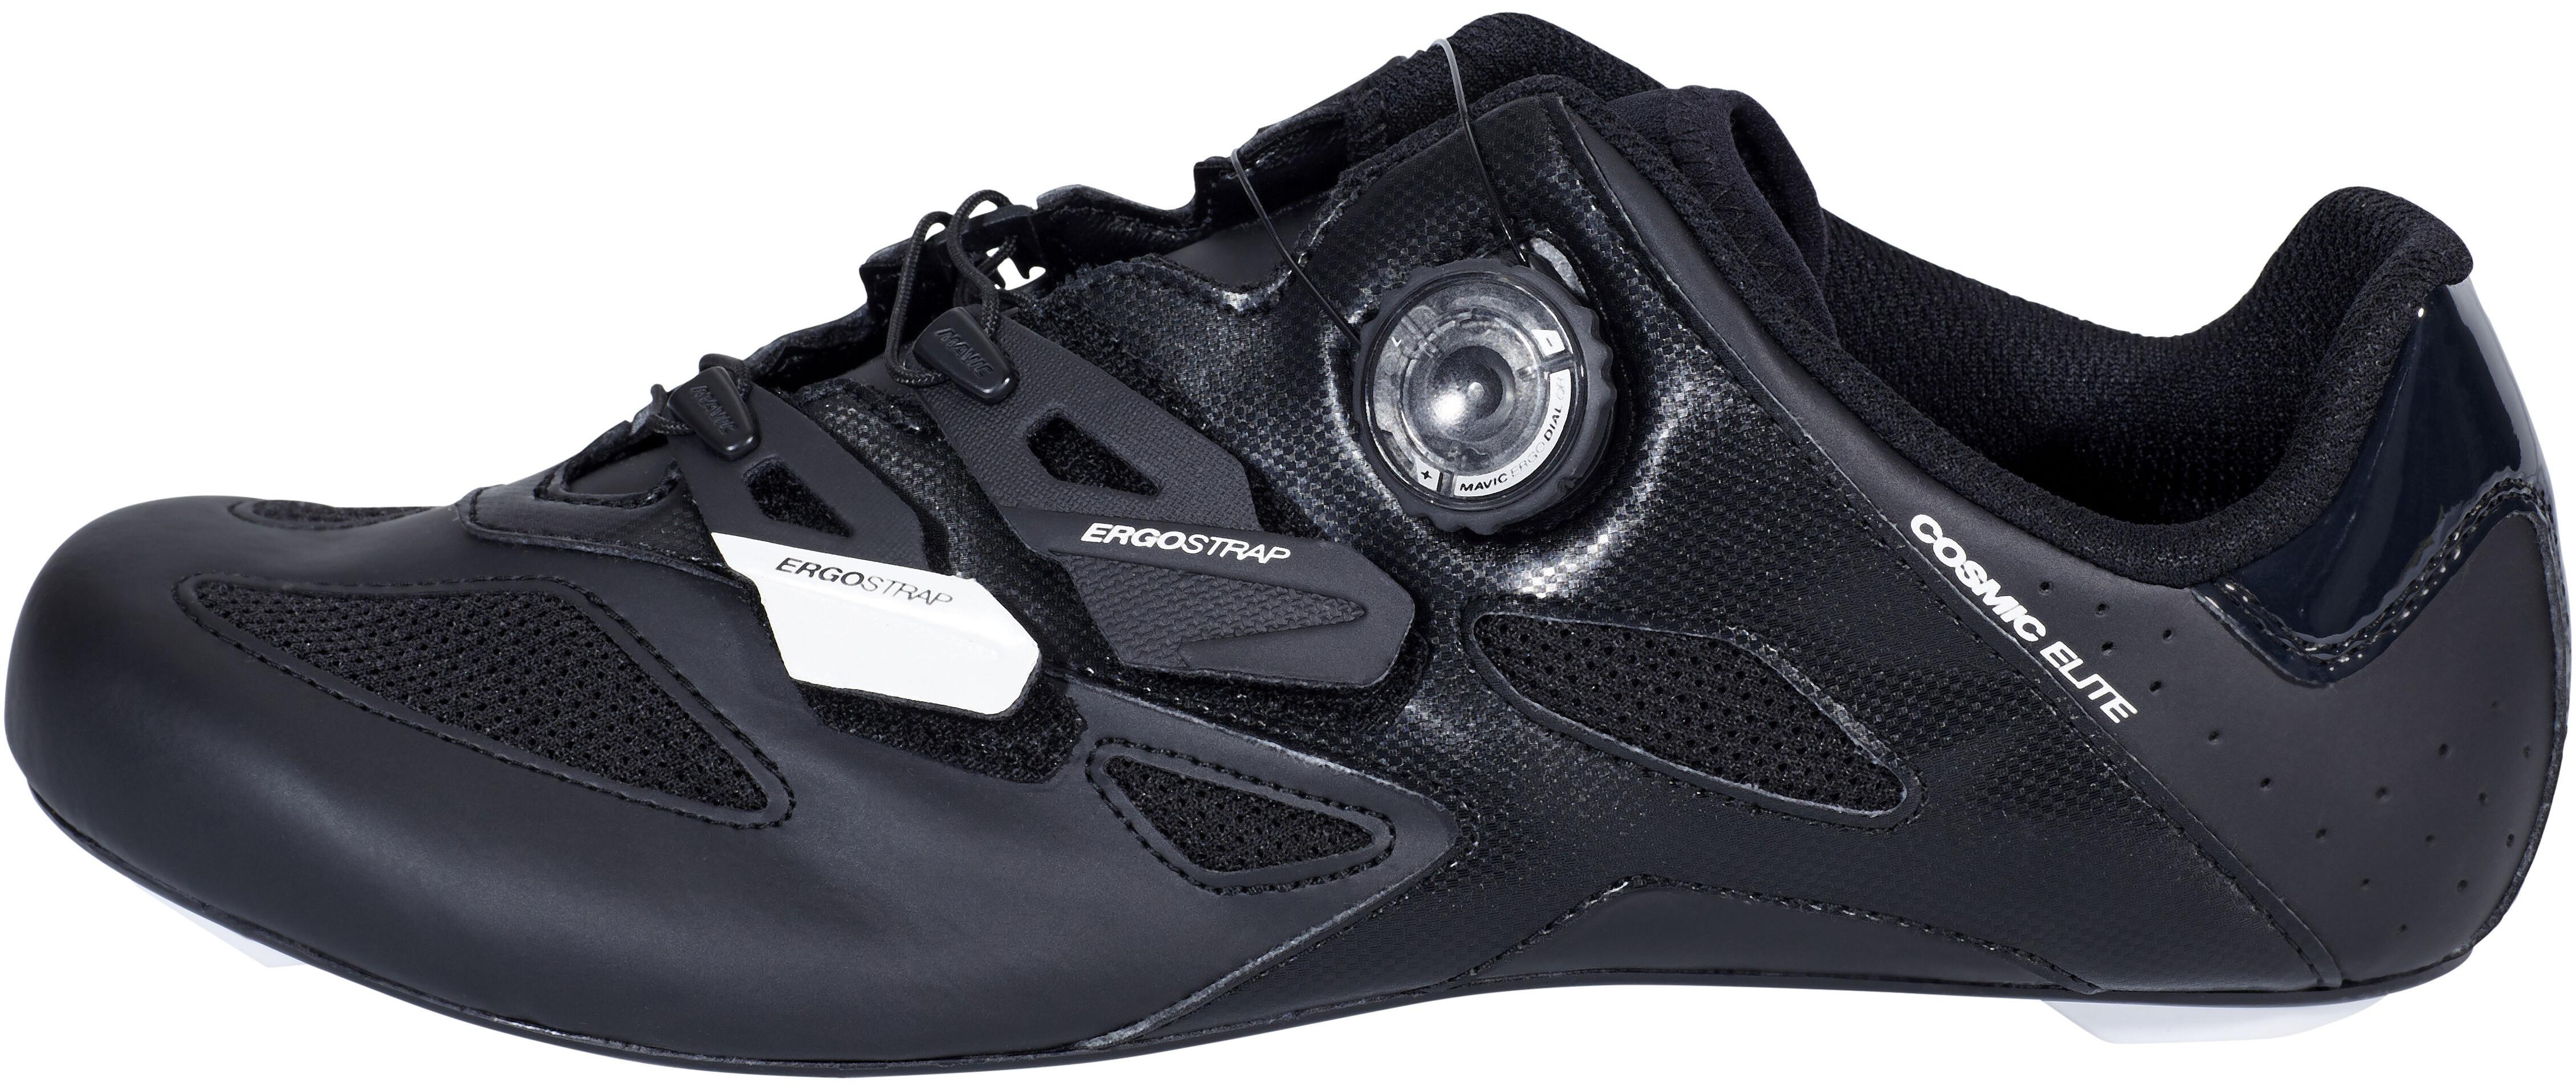 68e388021ef0a2 Mavic Cosmic Elite - Chaussures - noir - Boutique de vélos en ligne ...